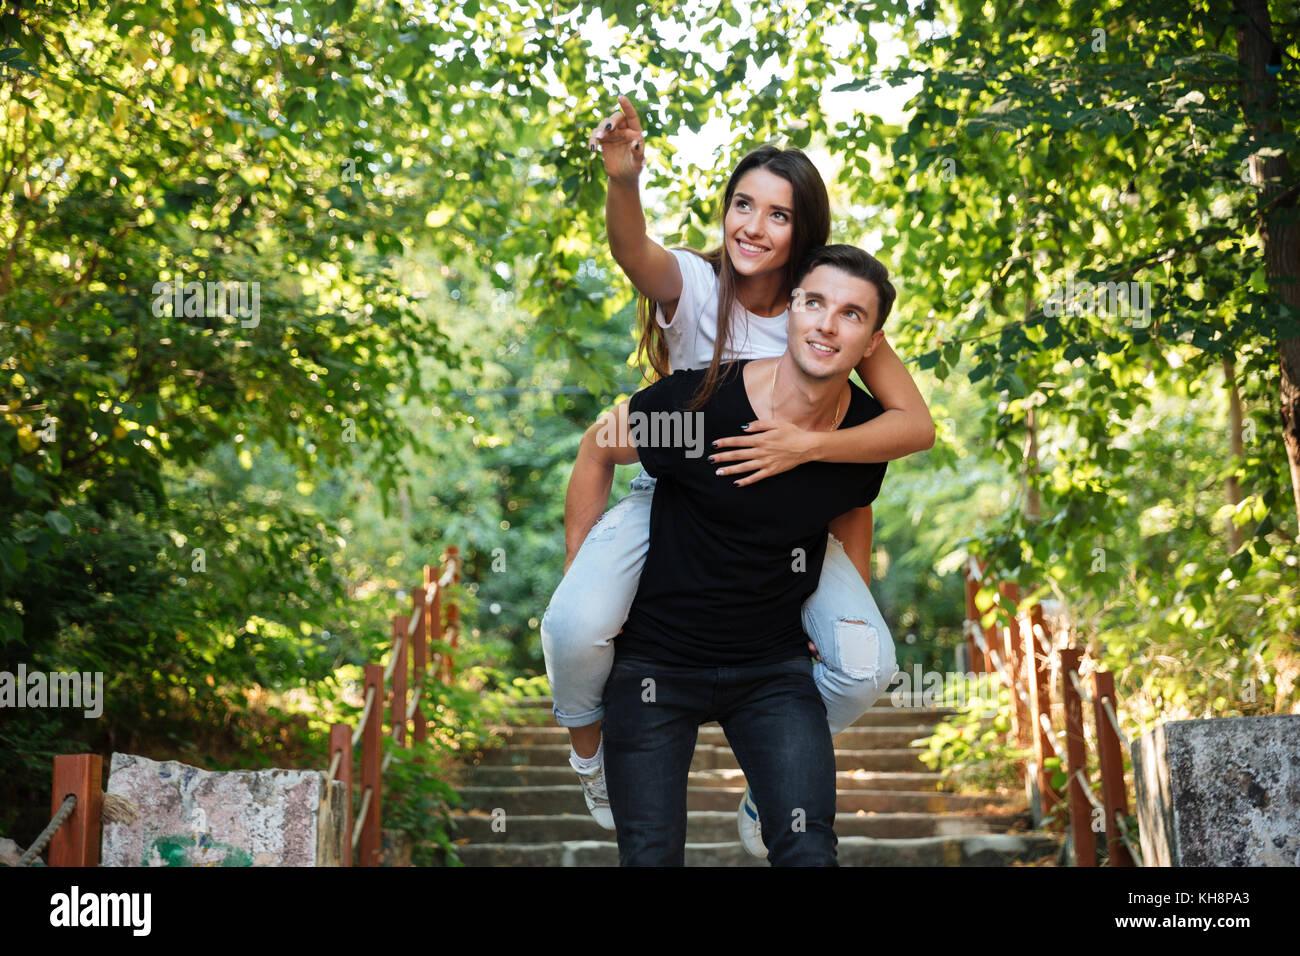 Joven pareja feliz disfrutando piggyback paseo en el parque al aire libre, mujer sonriente dedo señalador lejos Imagen De Stock